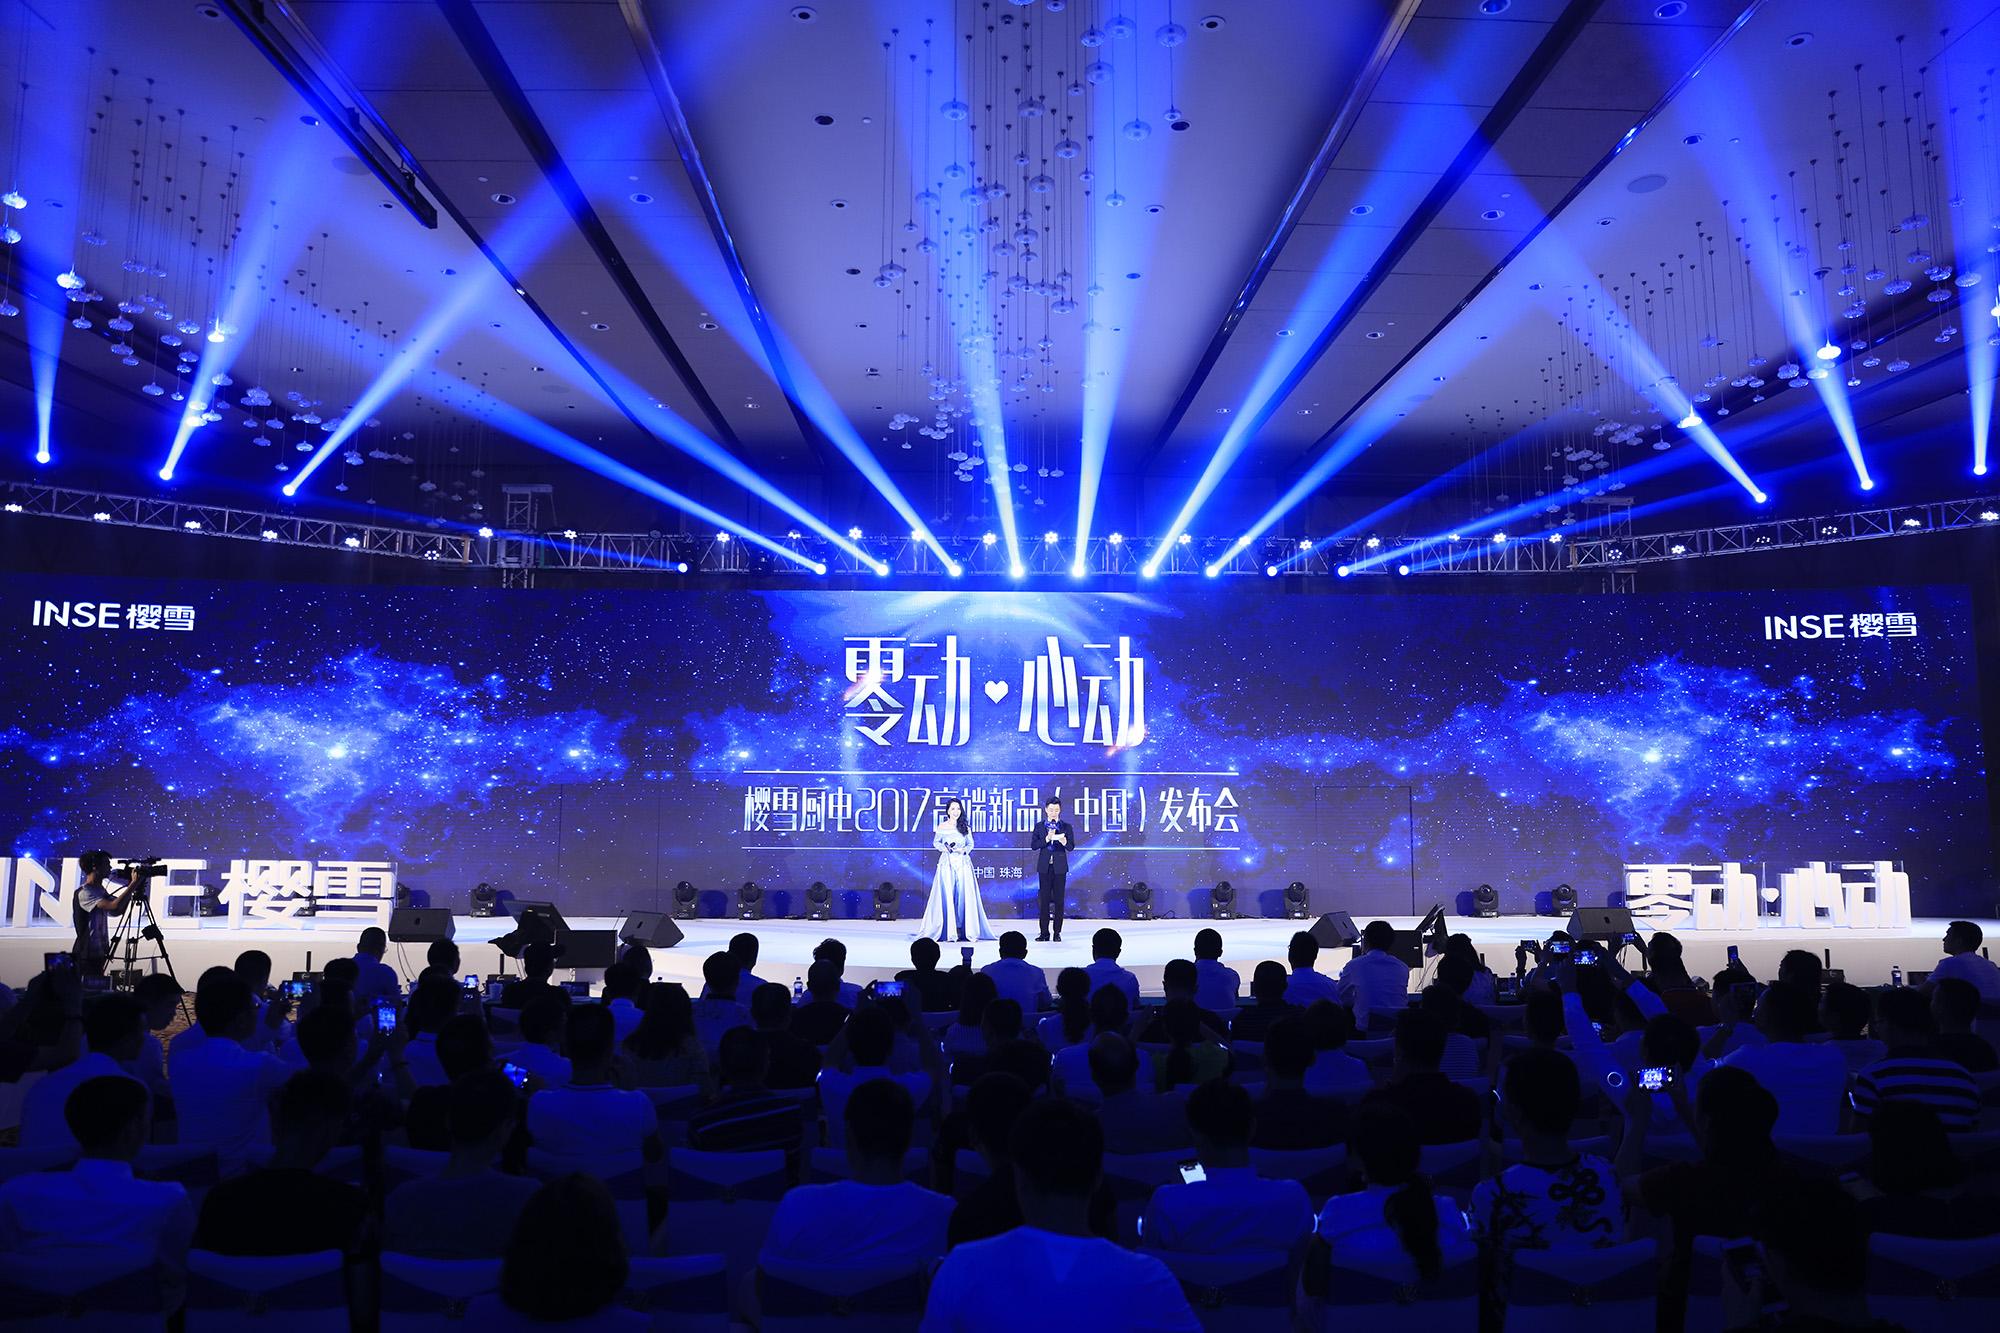 樱雪厨电双零科技亮相2017世界五金大会